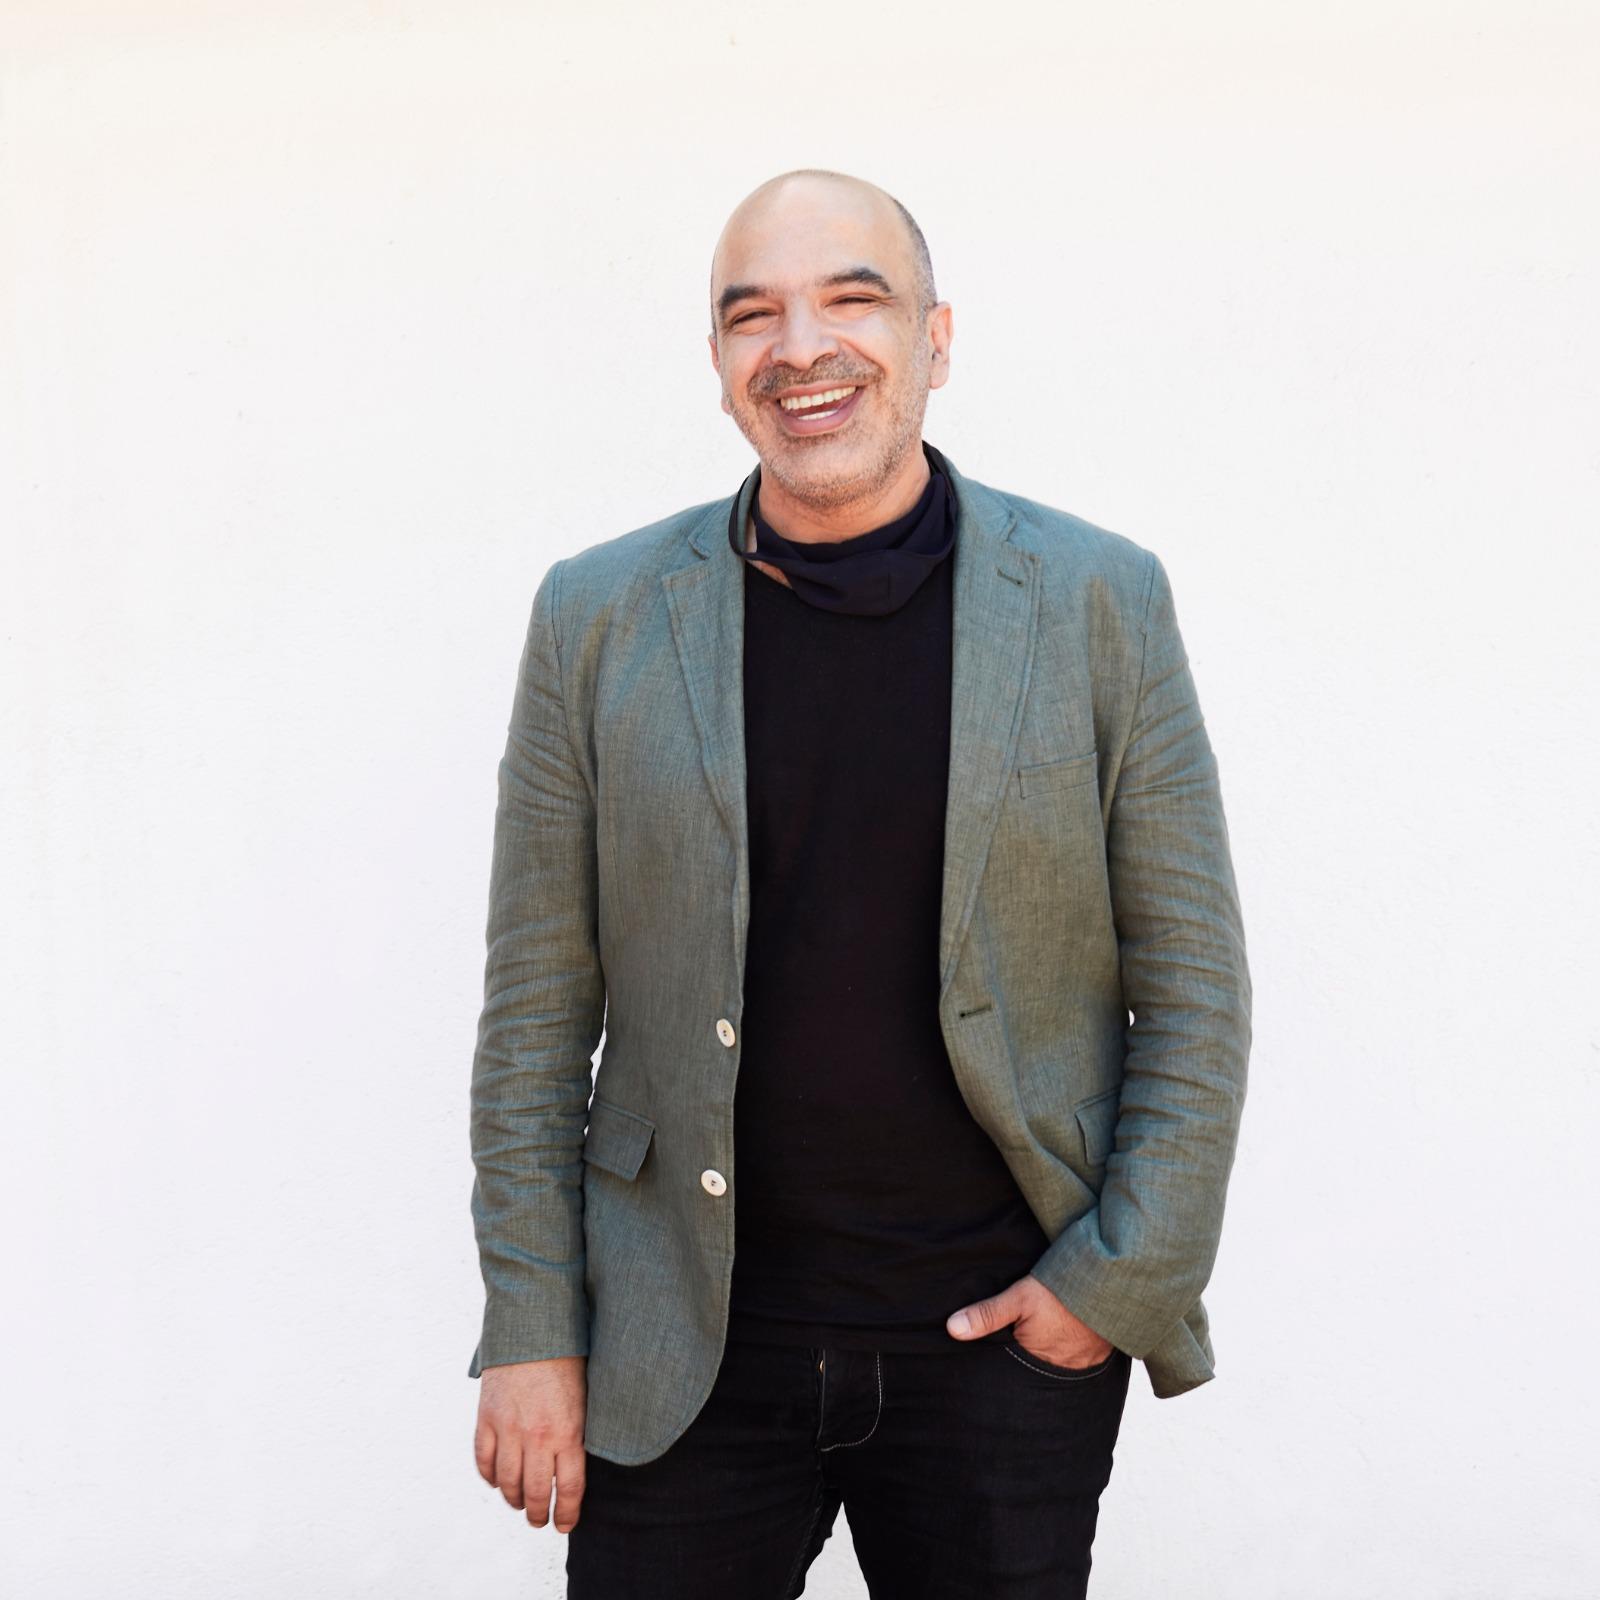 Daniel Walter Aranda